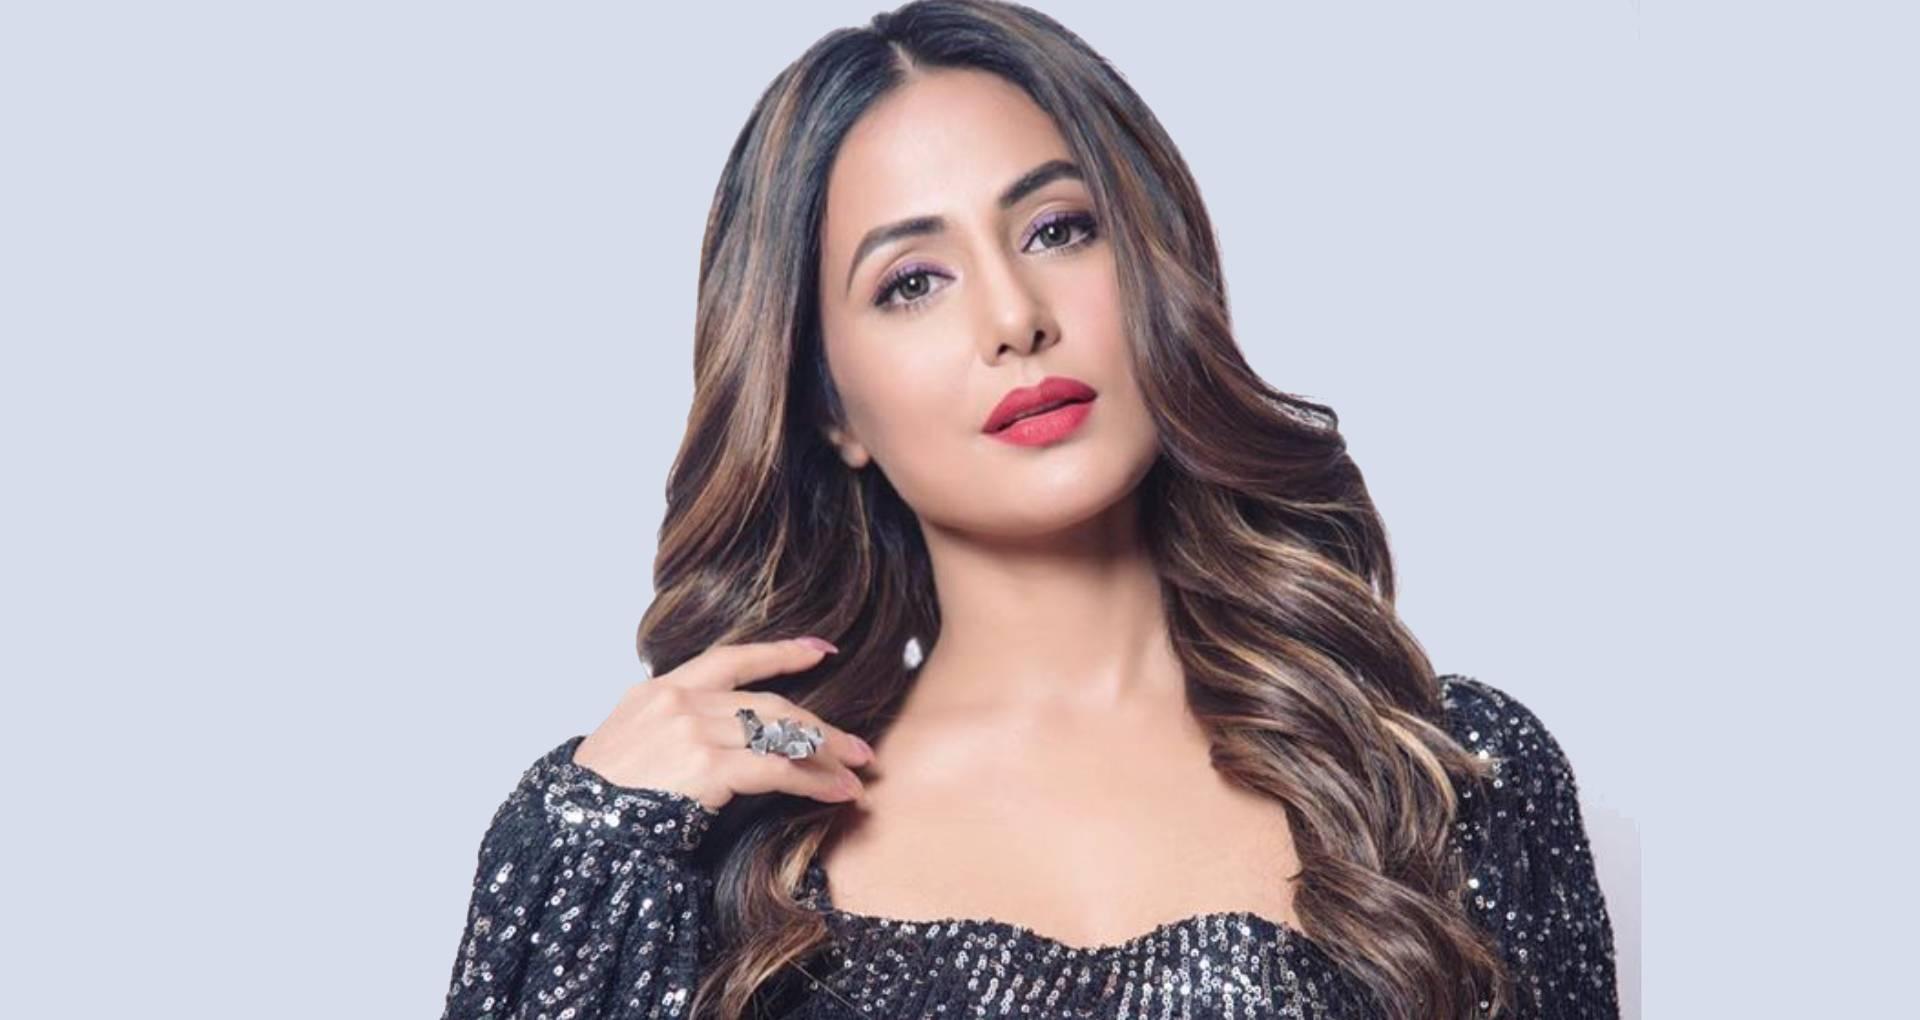 Nach Baliye 9 Promo: हिना खान सेमी फाइनल राउंड में मचाएंगी धमाल, कंटस्टेंट से पूछेंगी हैरान कर देने वाले सवाल